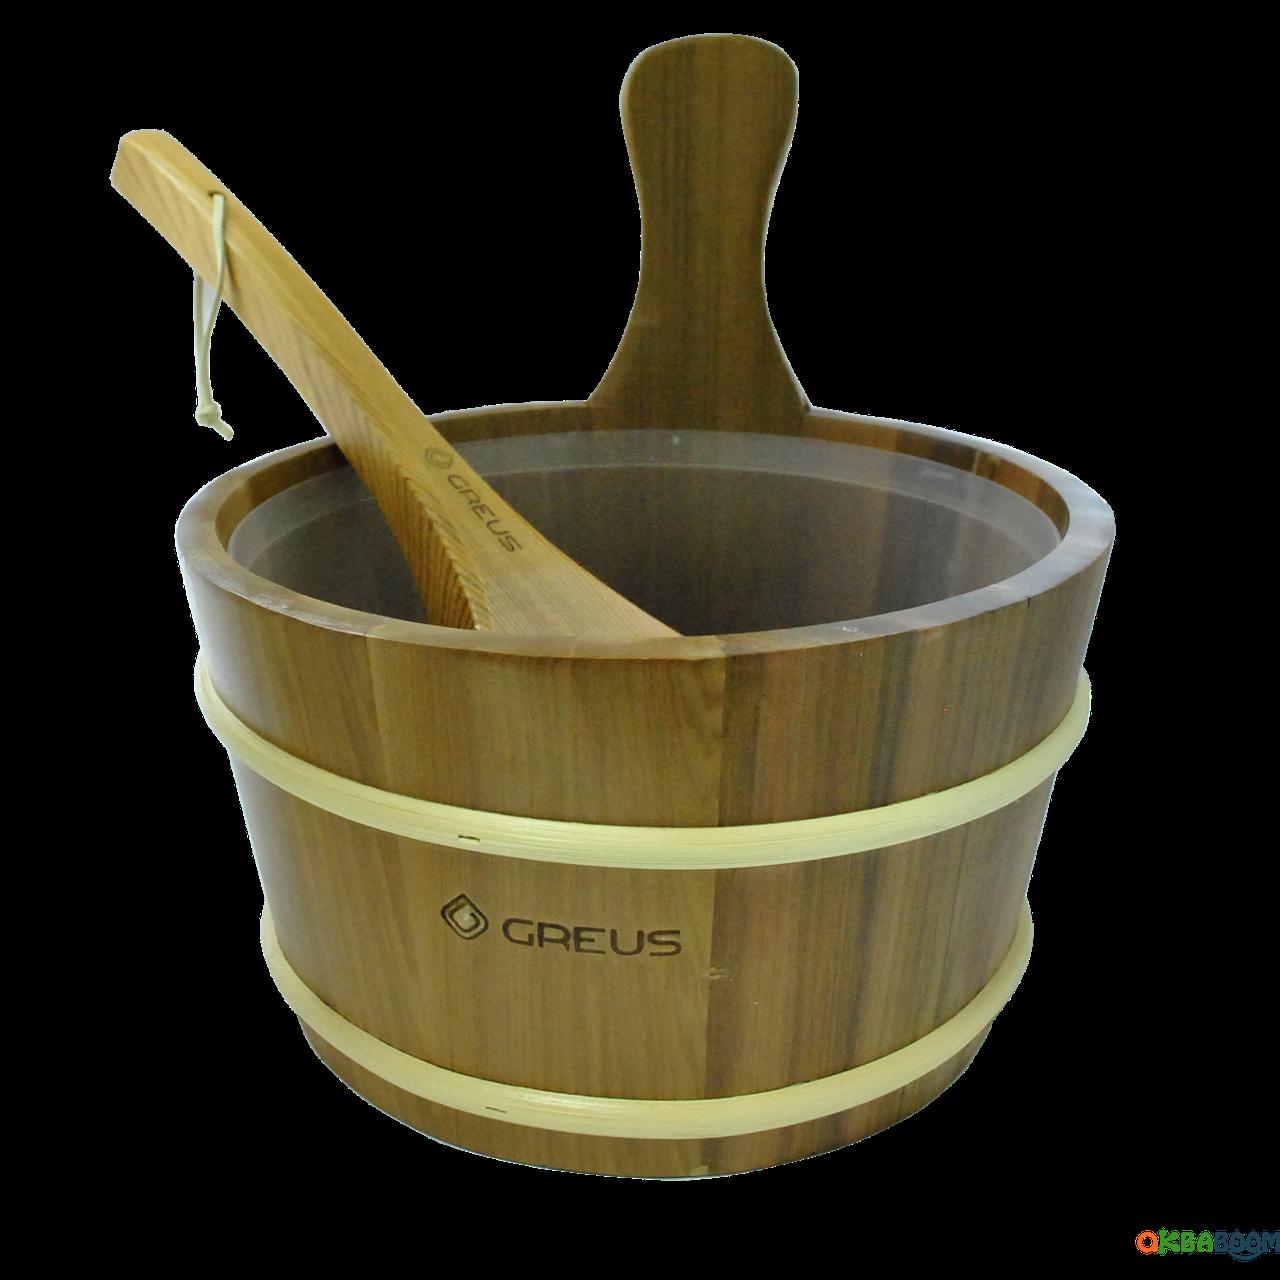 Набор Greus кедр (шайка 4 л + черпак) с пластиковой вставкой для бани и сауны, Украина